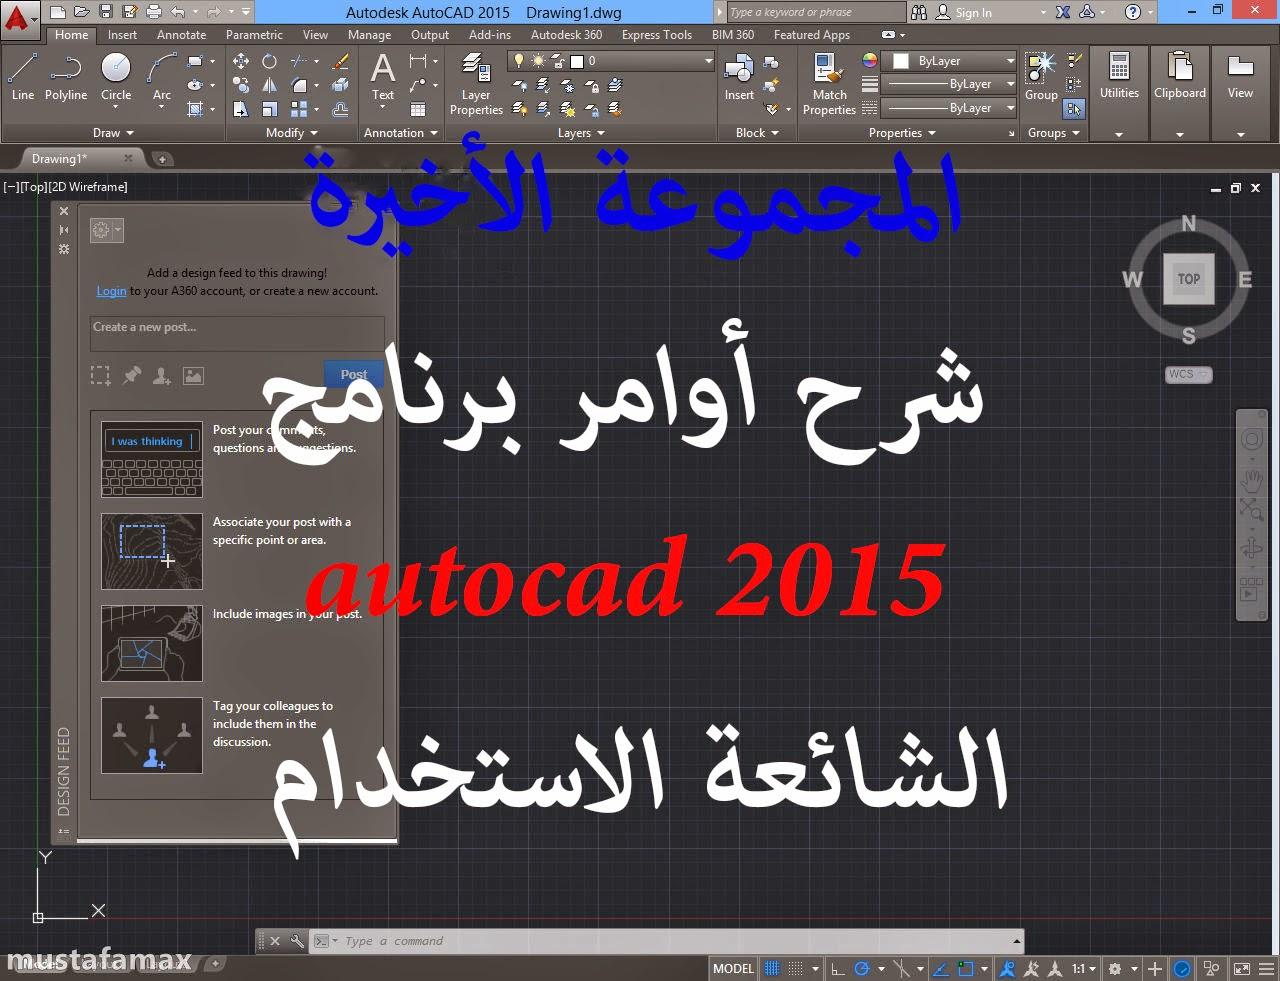 المجموعة الأخيرة : شرح أوامر برنامج autocad 2015 الشائعة الاستخدام